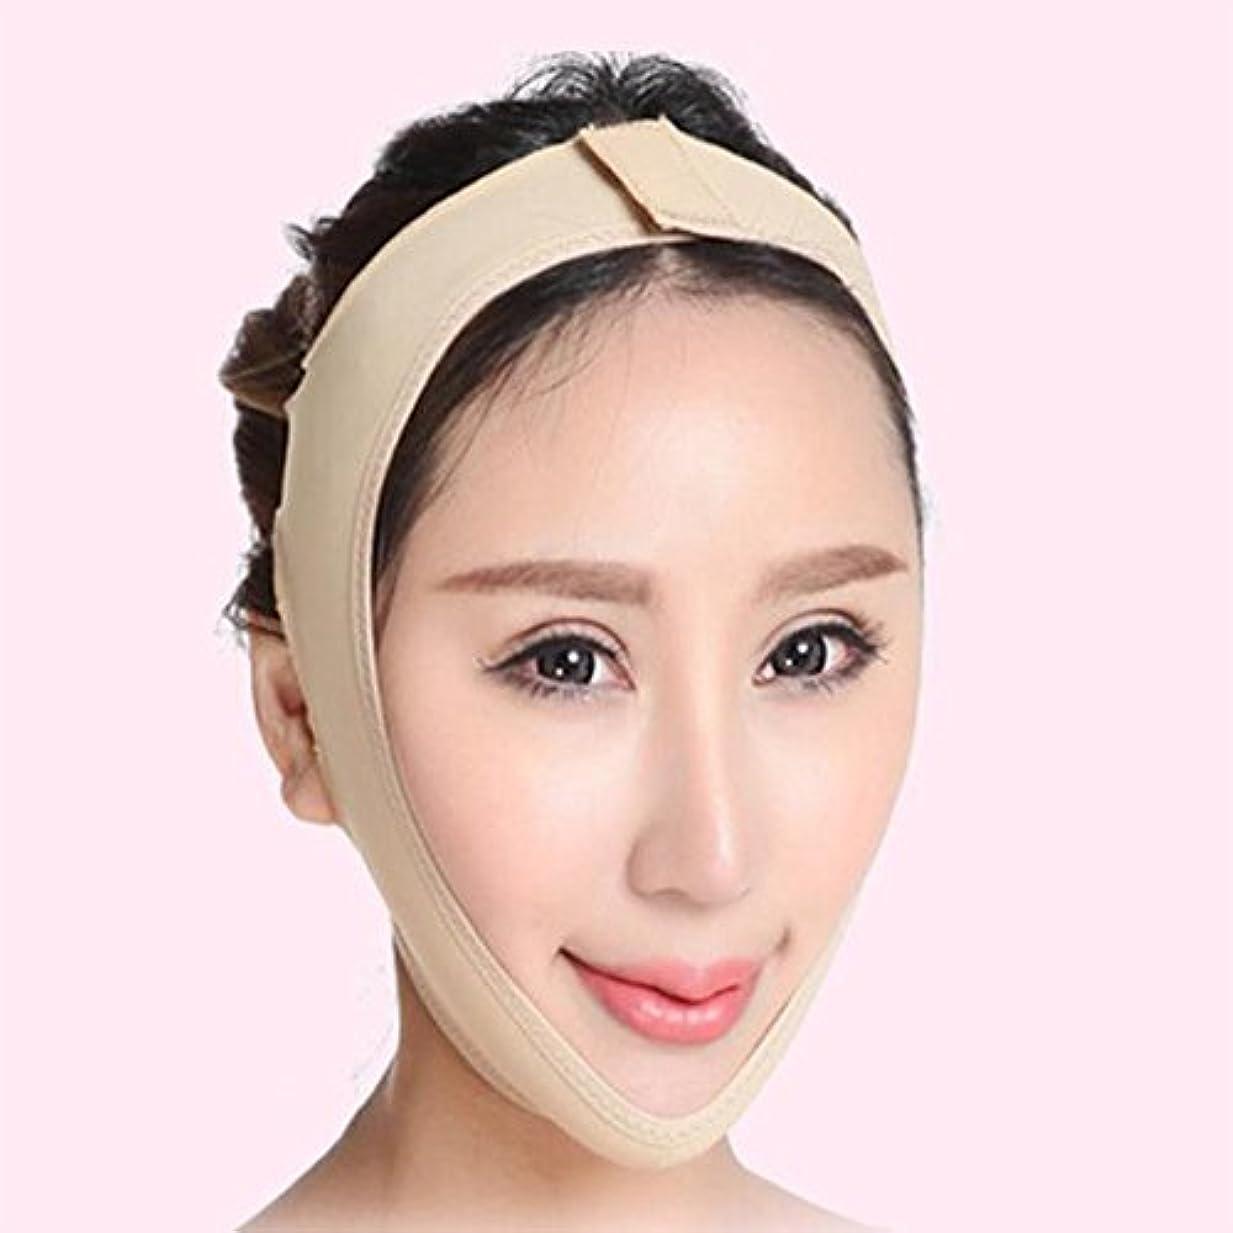 ブレーク再び断片SD 小顔 小顔マスク リフトアップ マスク フェイスライン 矯正 あご シャープ メンズ レディース XLサイズ AZD15003-XL